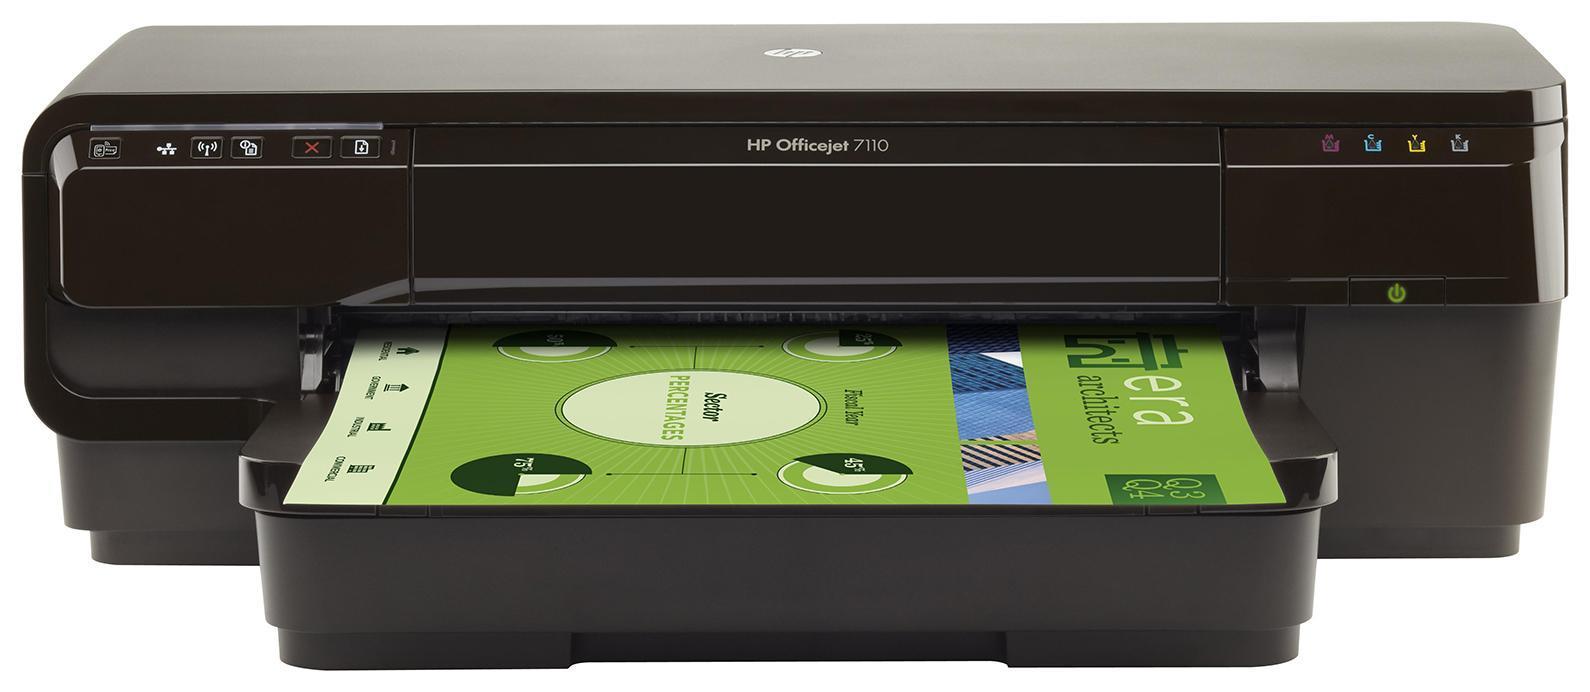 HP Officejet 7110 (H812a) струйныйпринтерCR768AСделайте больше собственными силами благодаря доступному, надежному принтеру HP ePrinter. Создавайте маркетинговые материалы профессионального качества размерами от почтовых открыток до A3+. Возможность совместной работы с помощью беспроводной сети 1 и возможность печати практически из любого места. 2